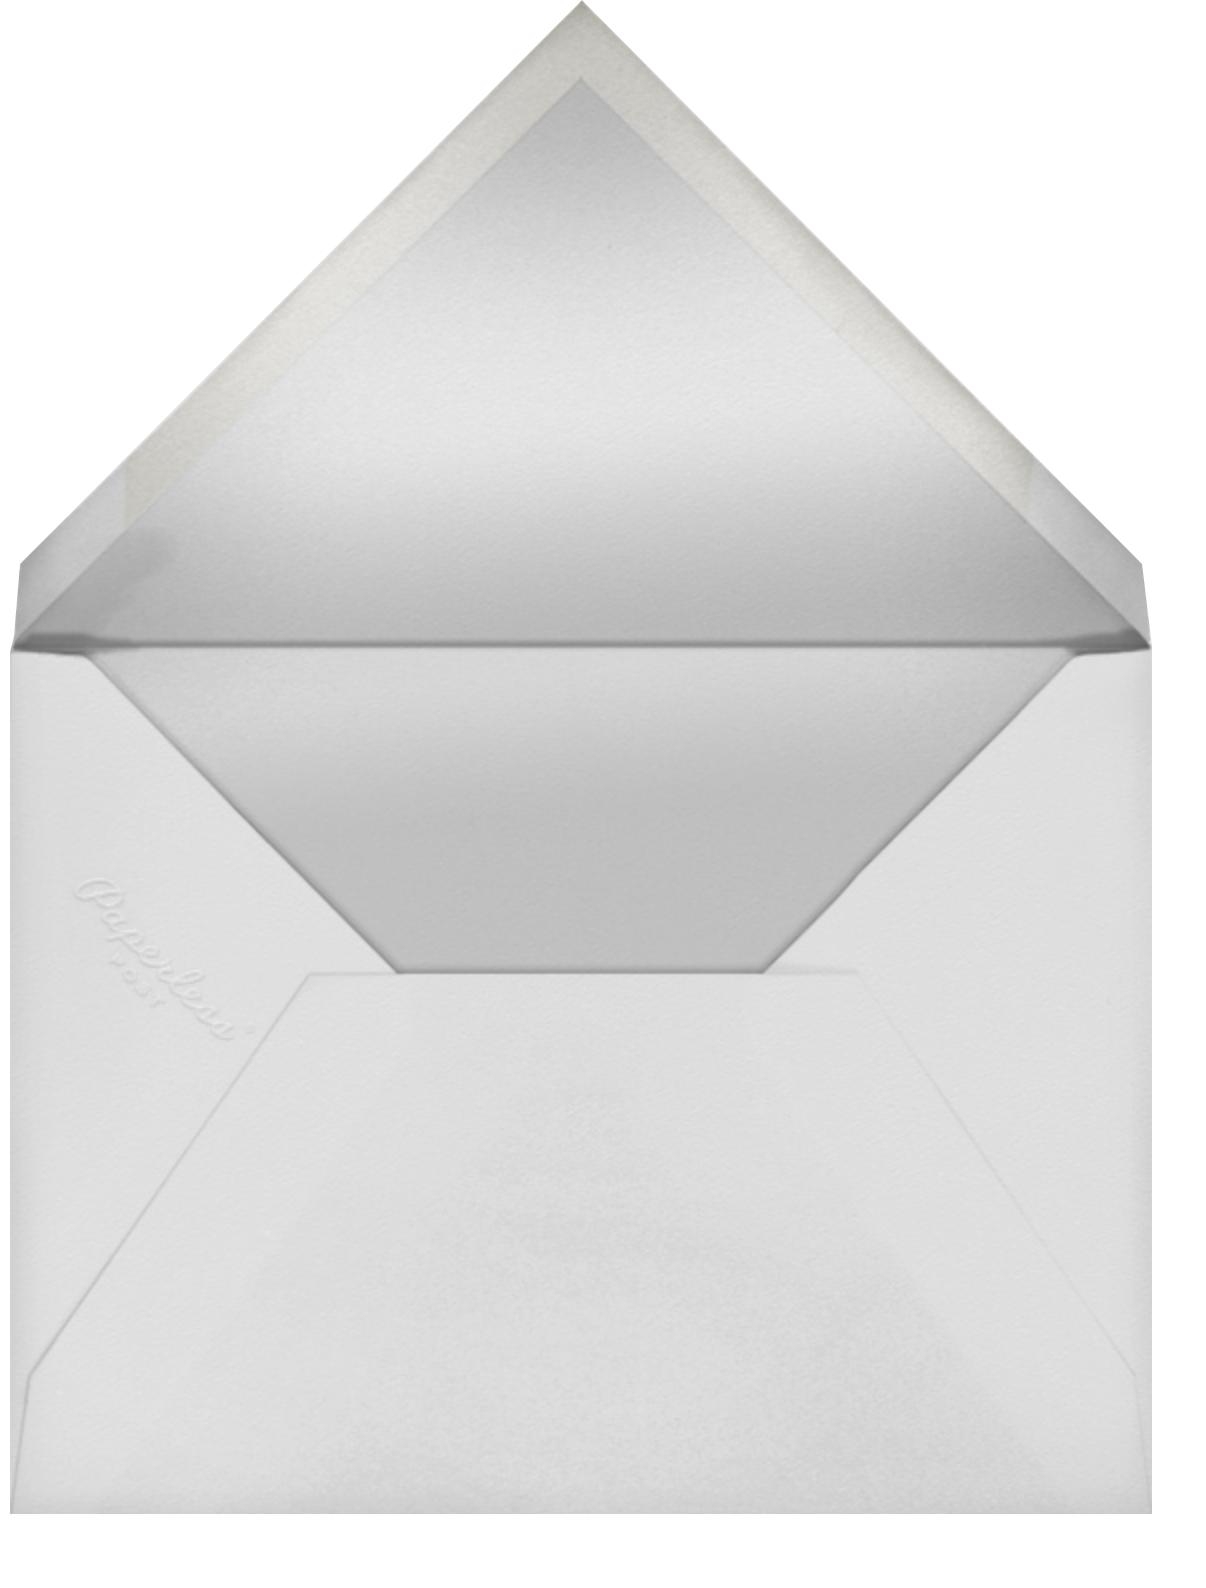 Gradient White Border - Black - Paperless Post - Adult birthday - envelope back